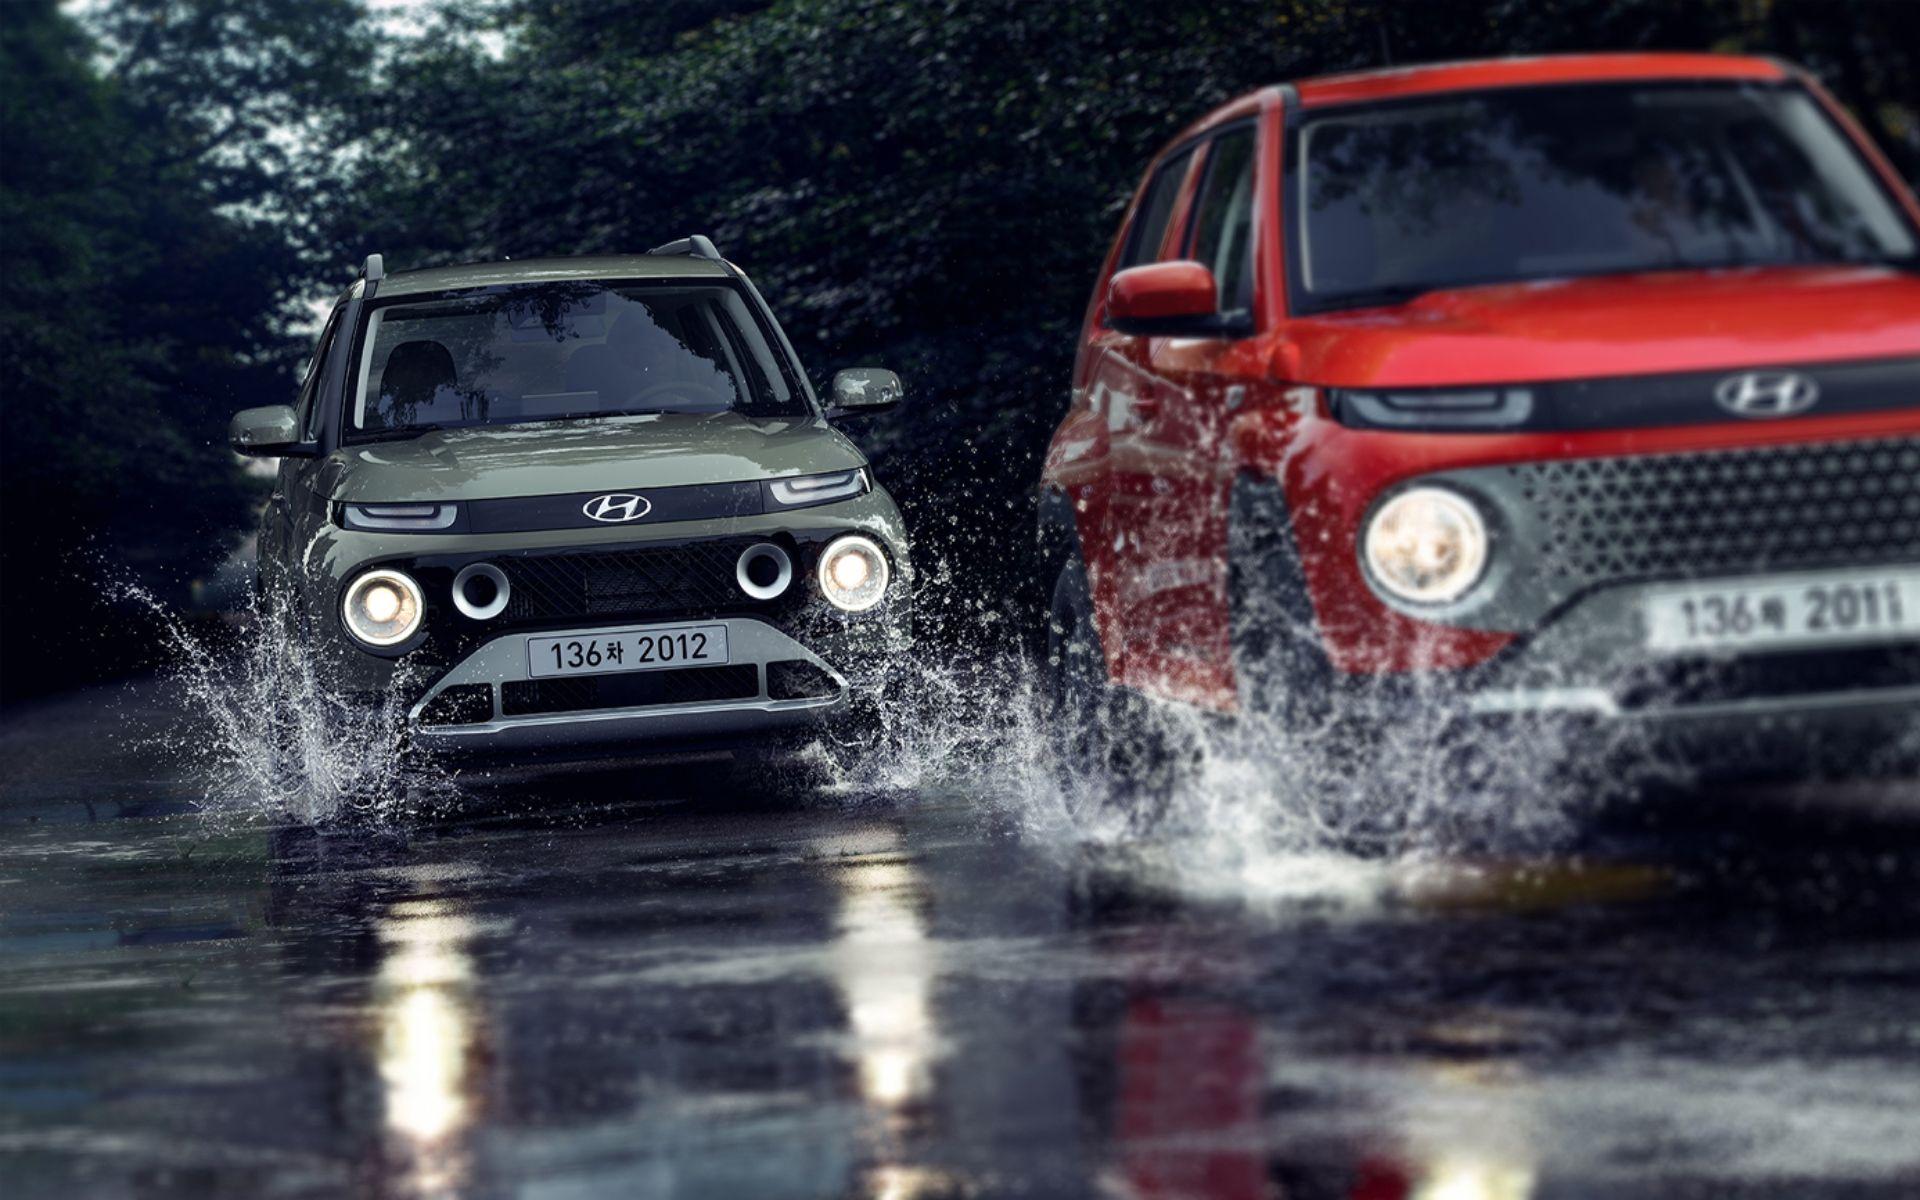 Hyundai ги откри сите информации за малиот Casper / ФОТО